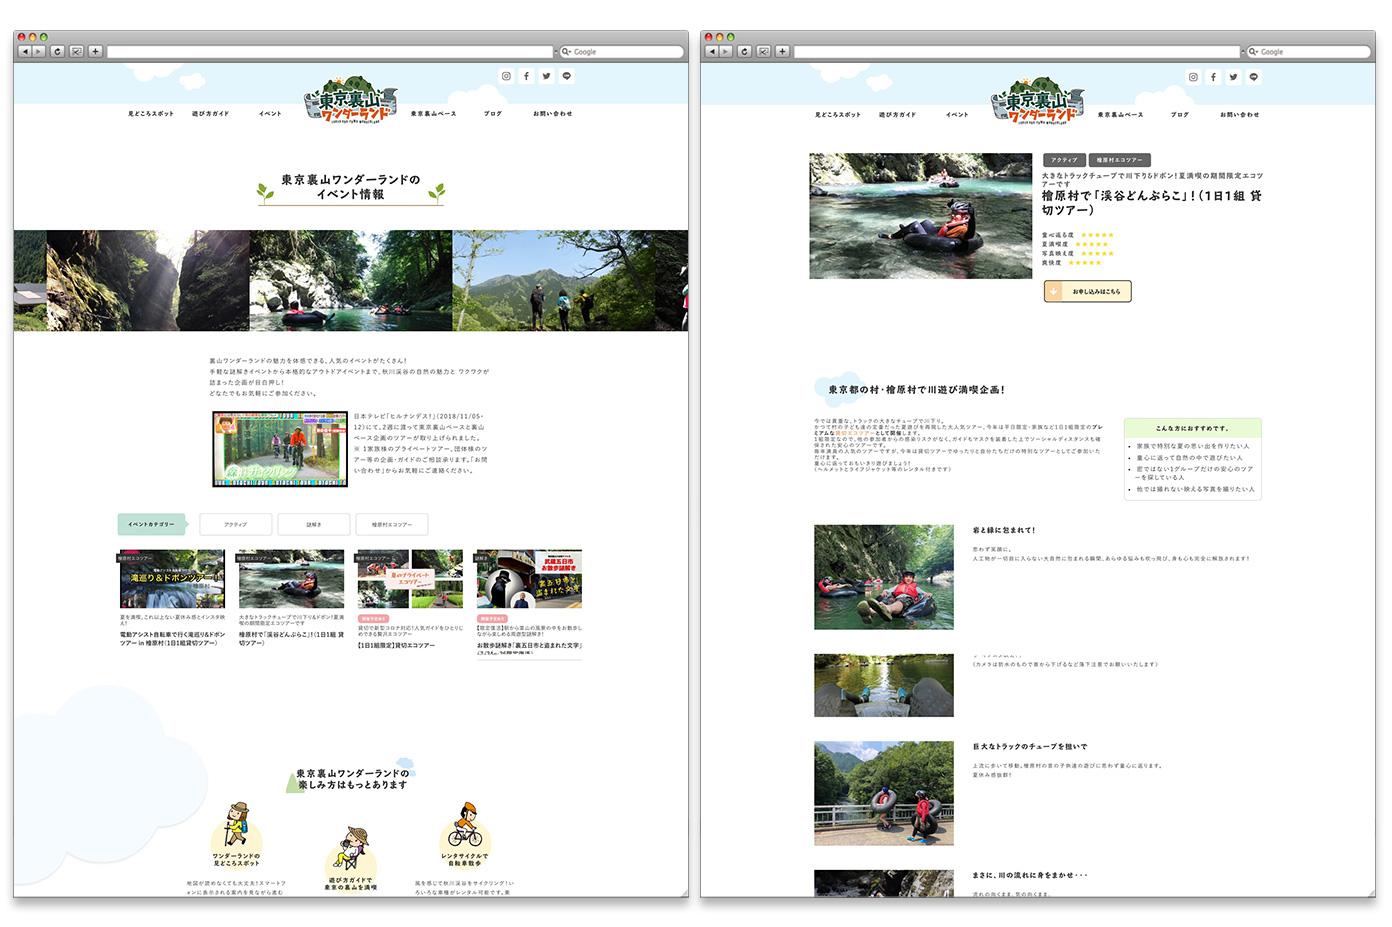 地域観光サービスのポータルサイト制作事例